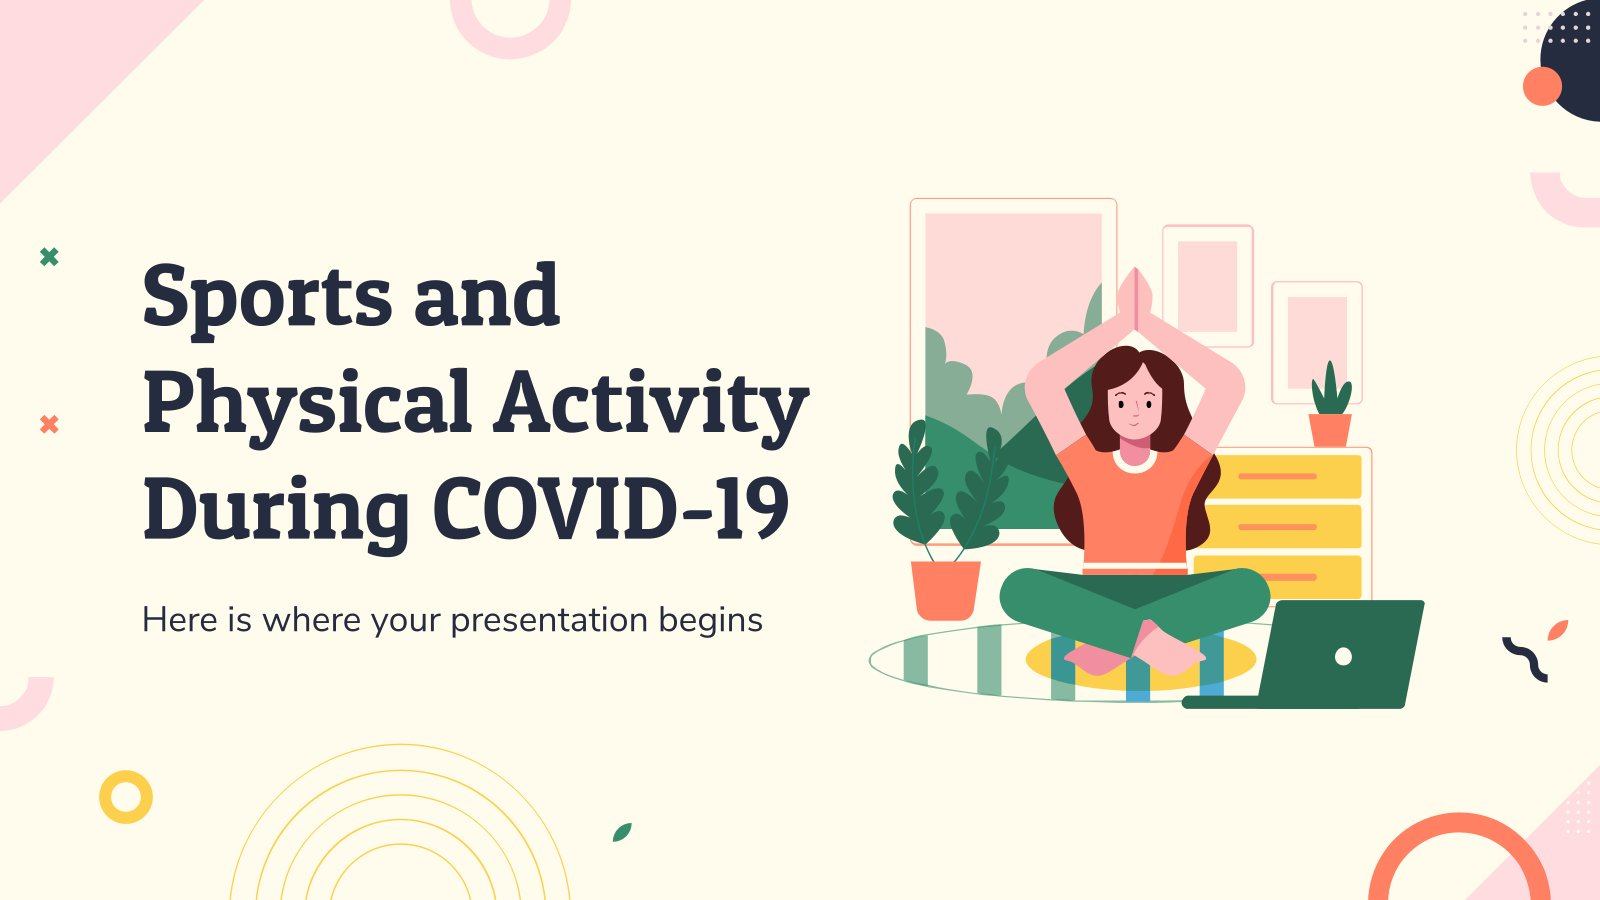 Plantilla de presentación Deporte y ejercicio durante la COVID-19